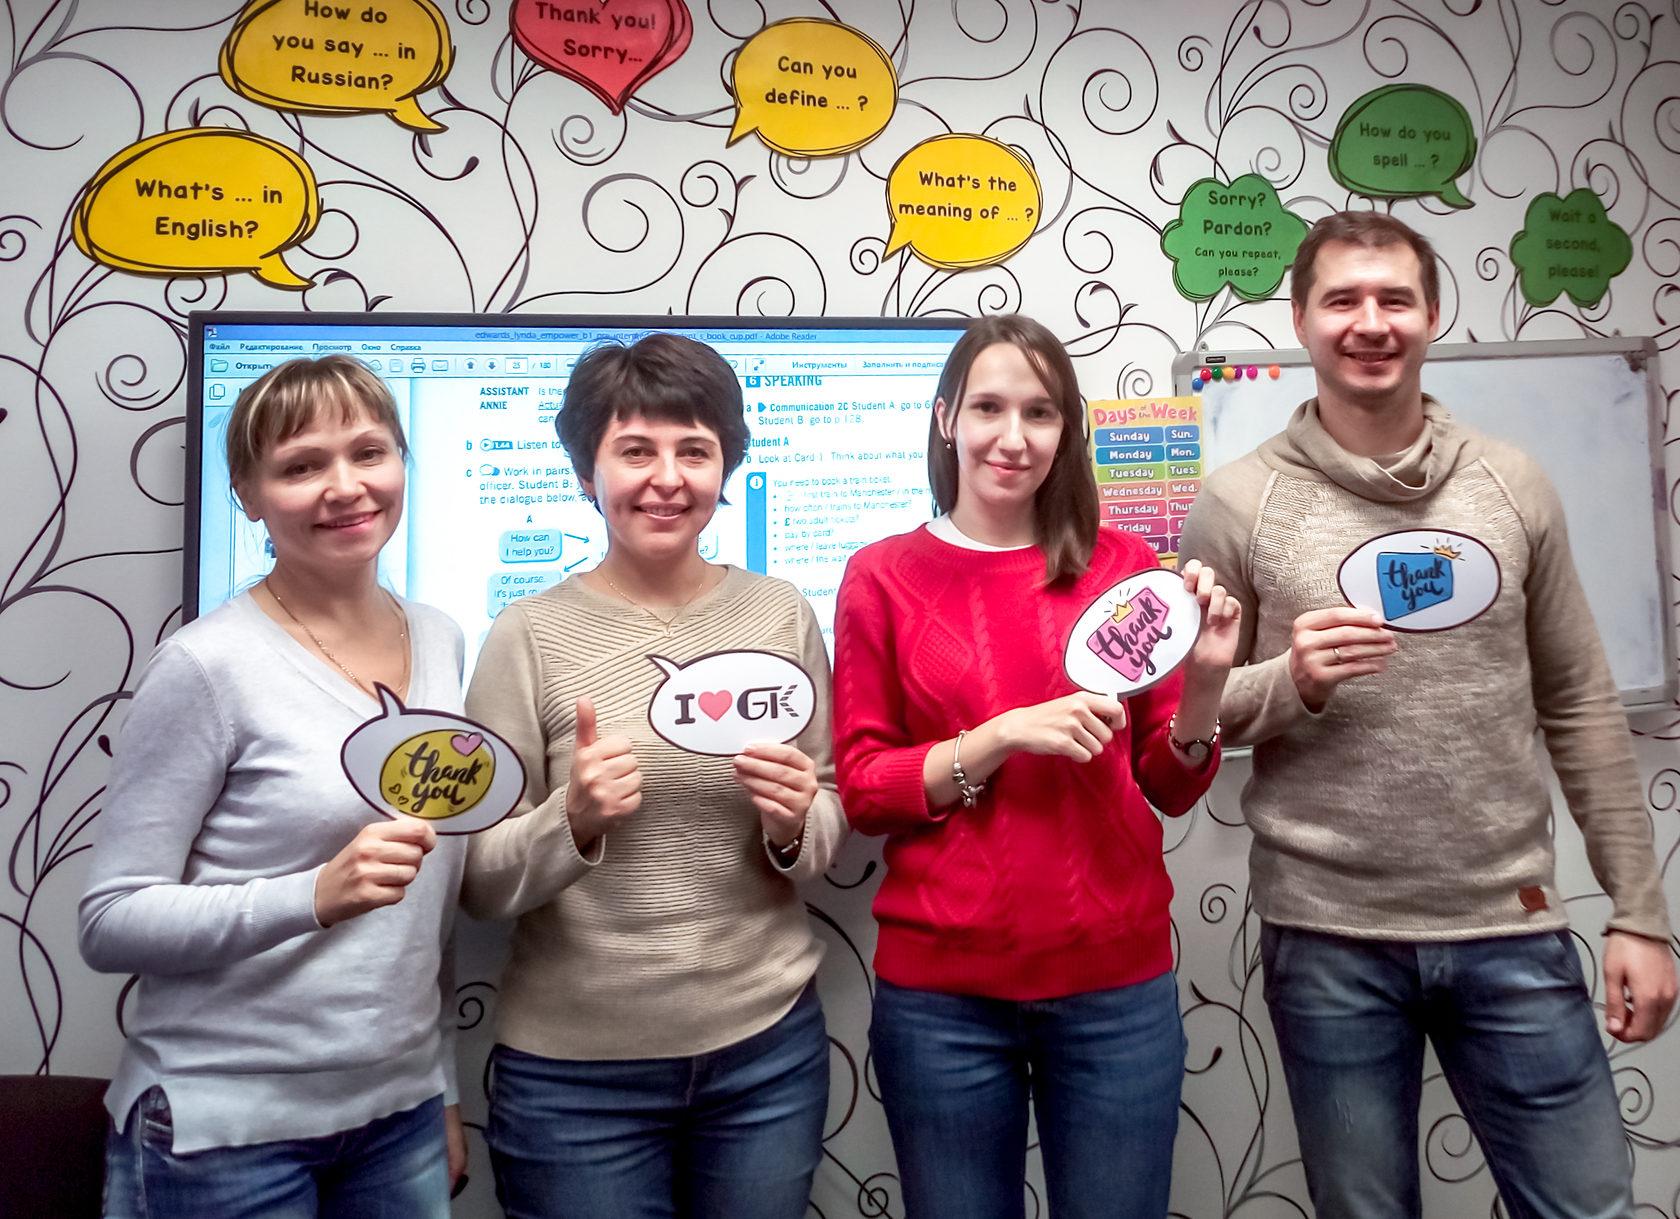 Курсы английского языка, школы, обучение в Москве, СПб ...